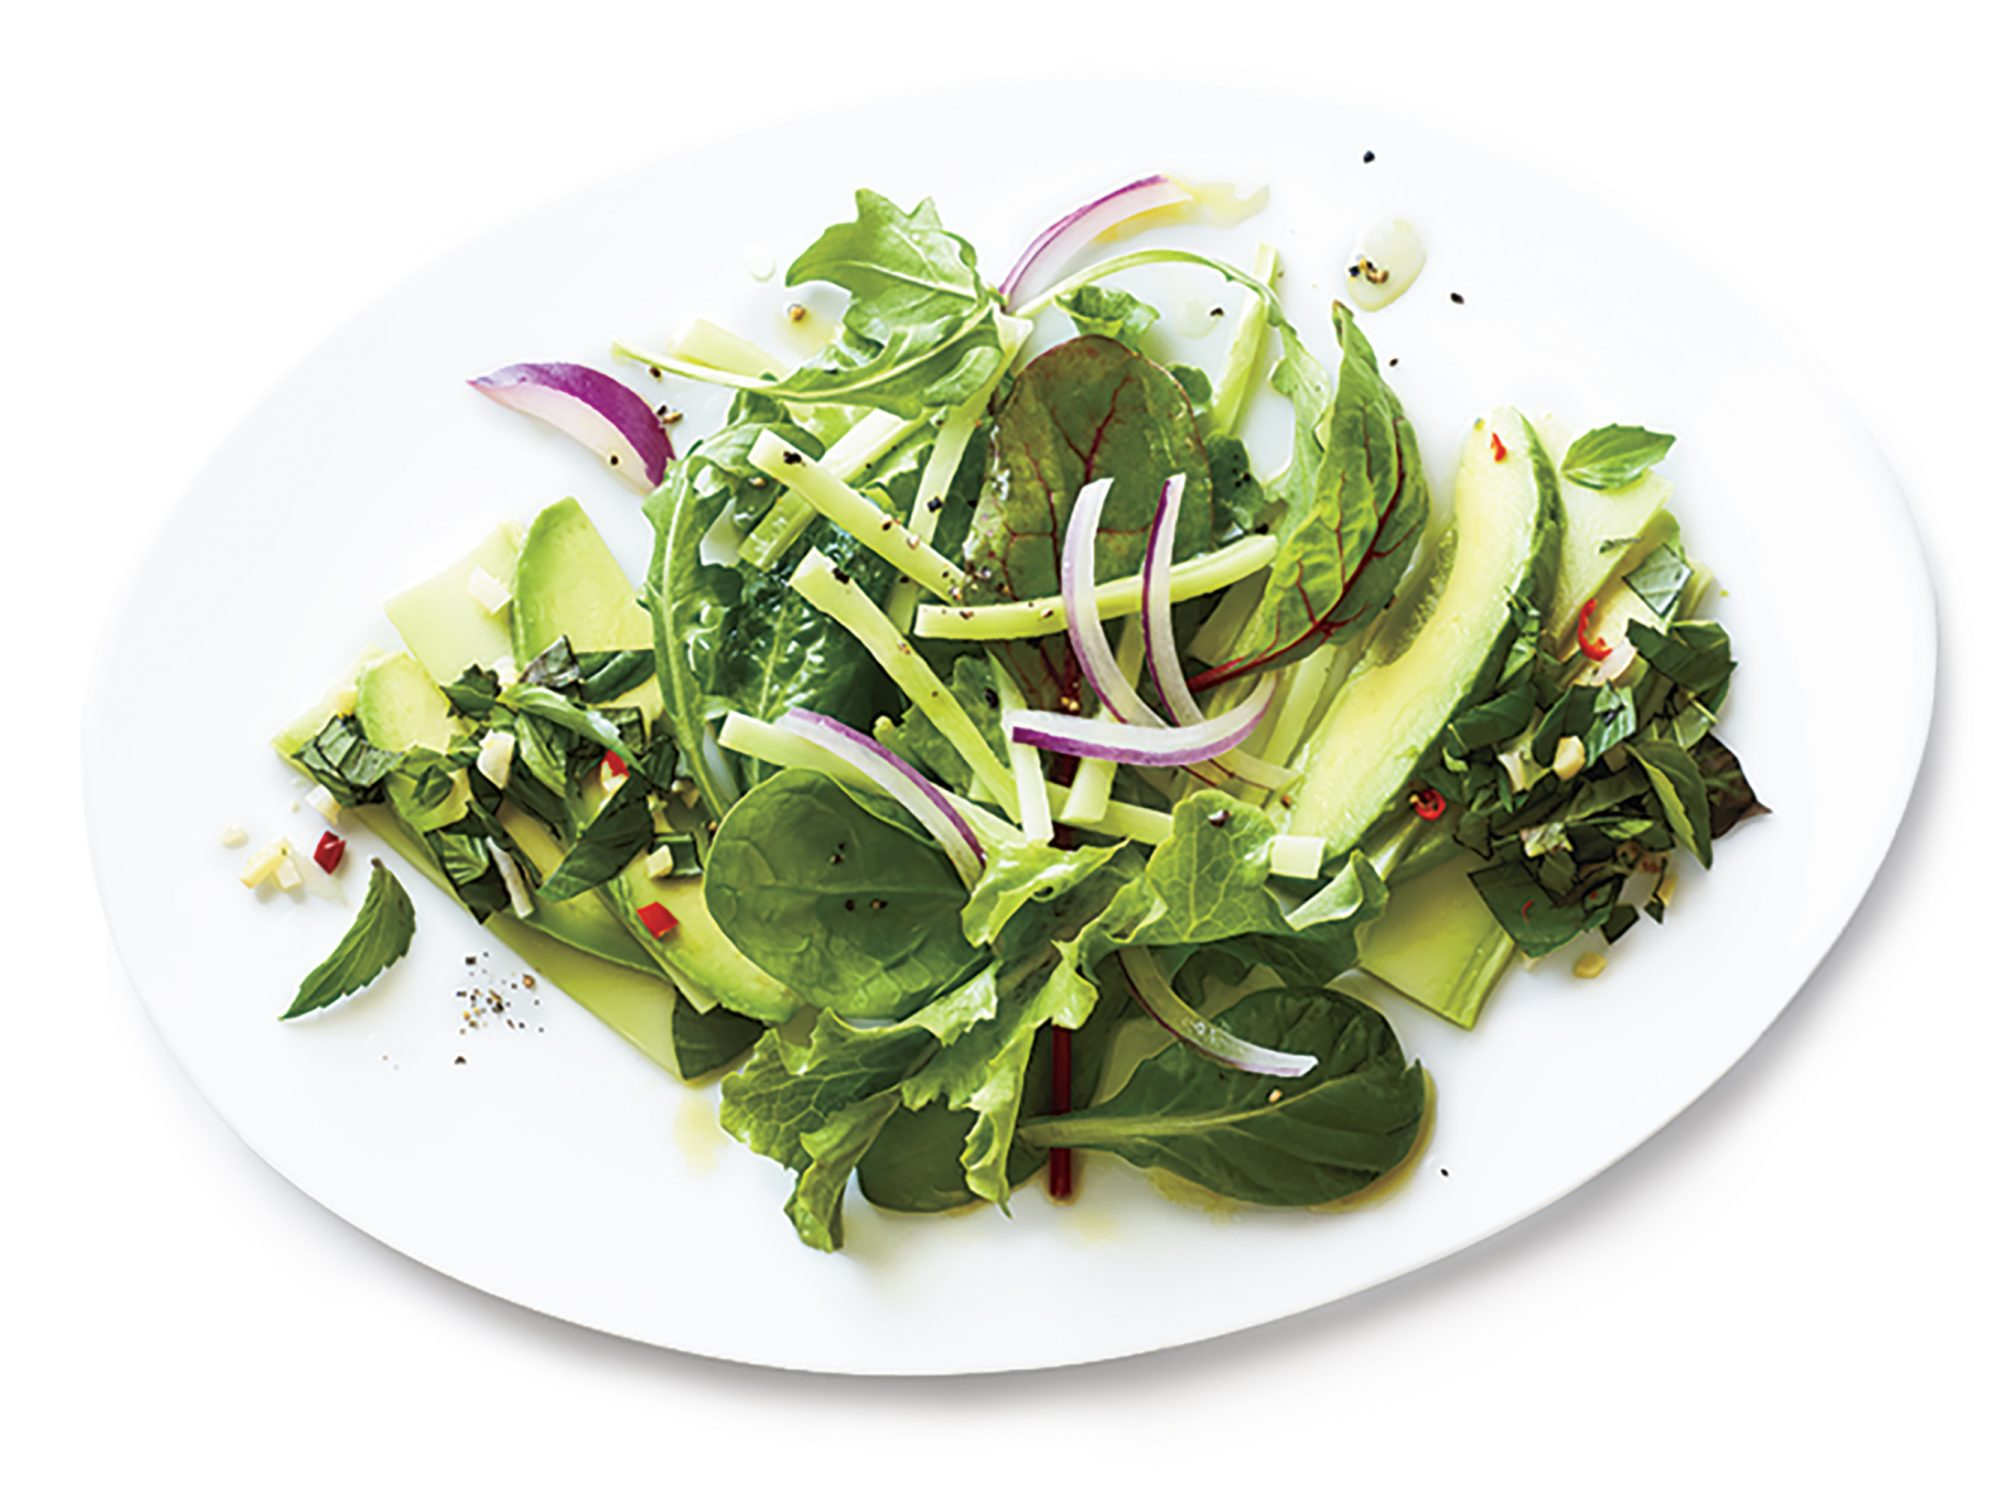 Broccoli Carpaccio with Broccoli Stalk Salad